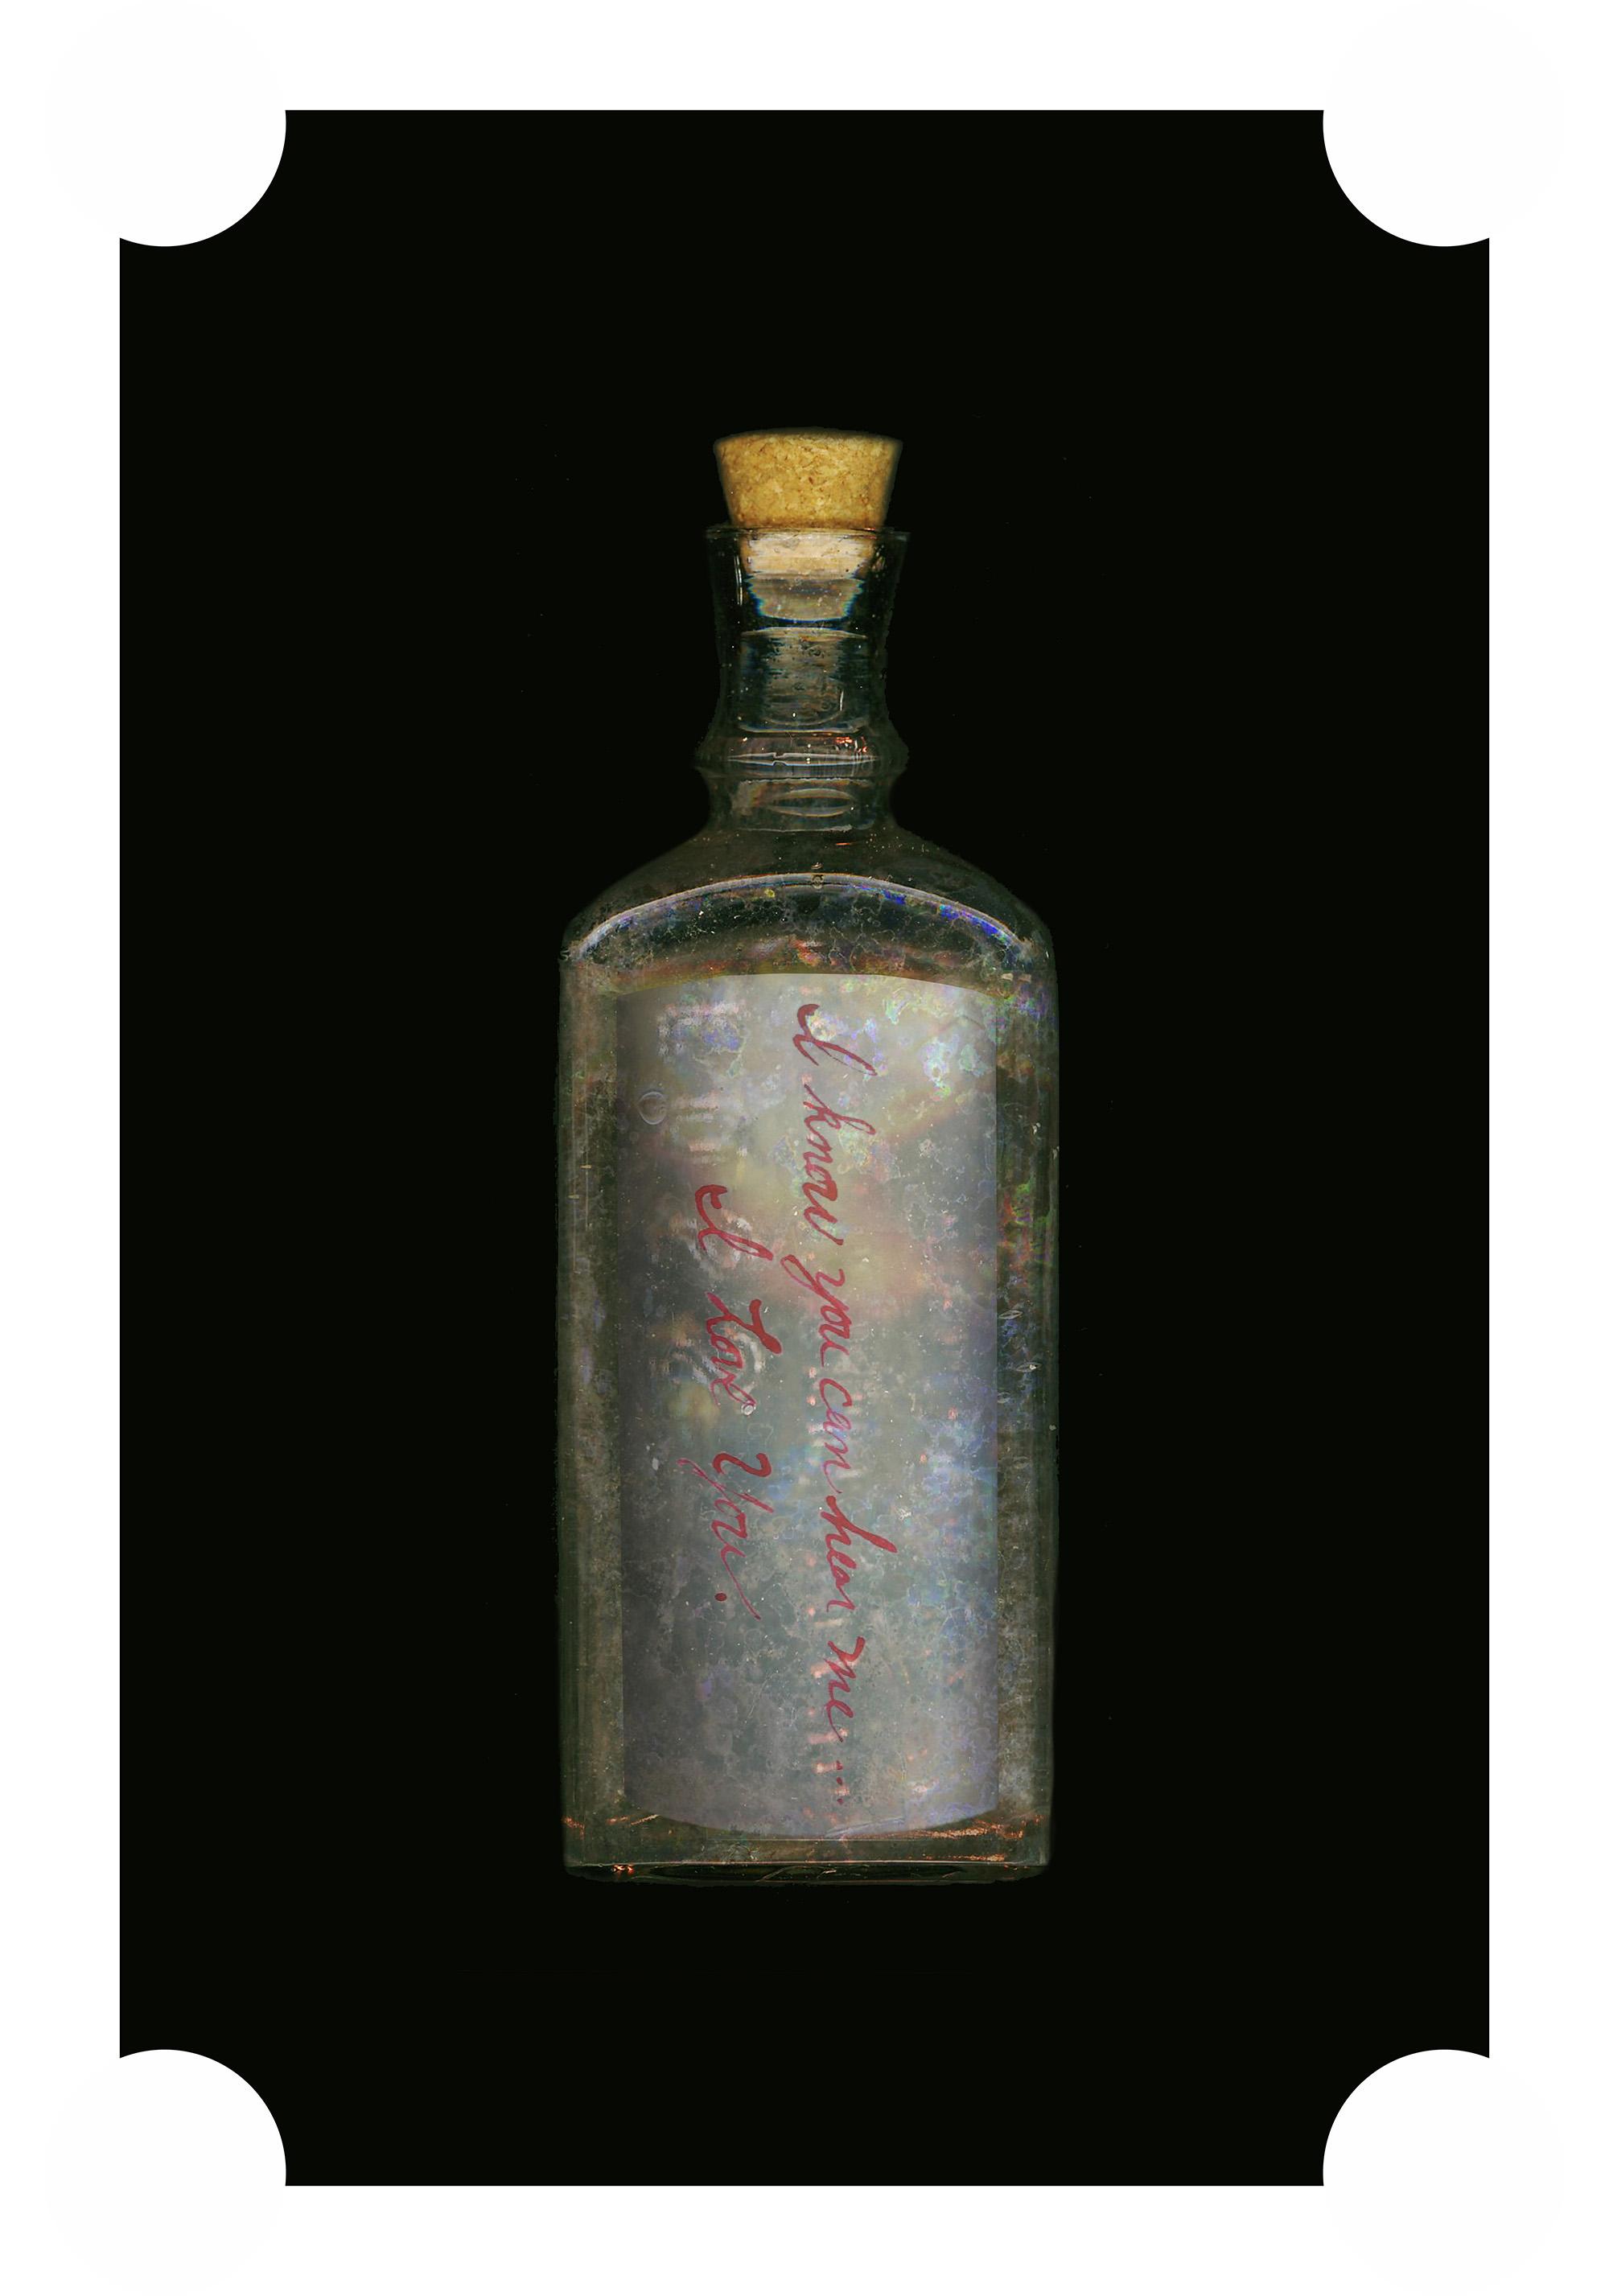 January's bottle gwenan.jpg